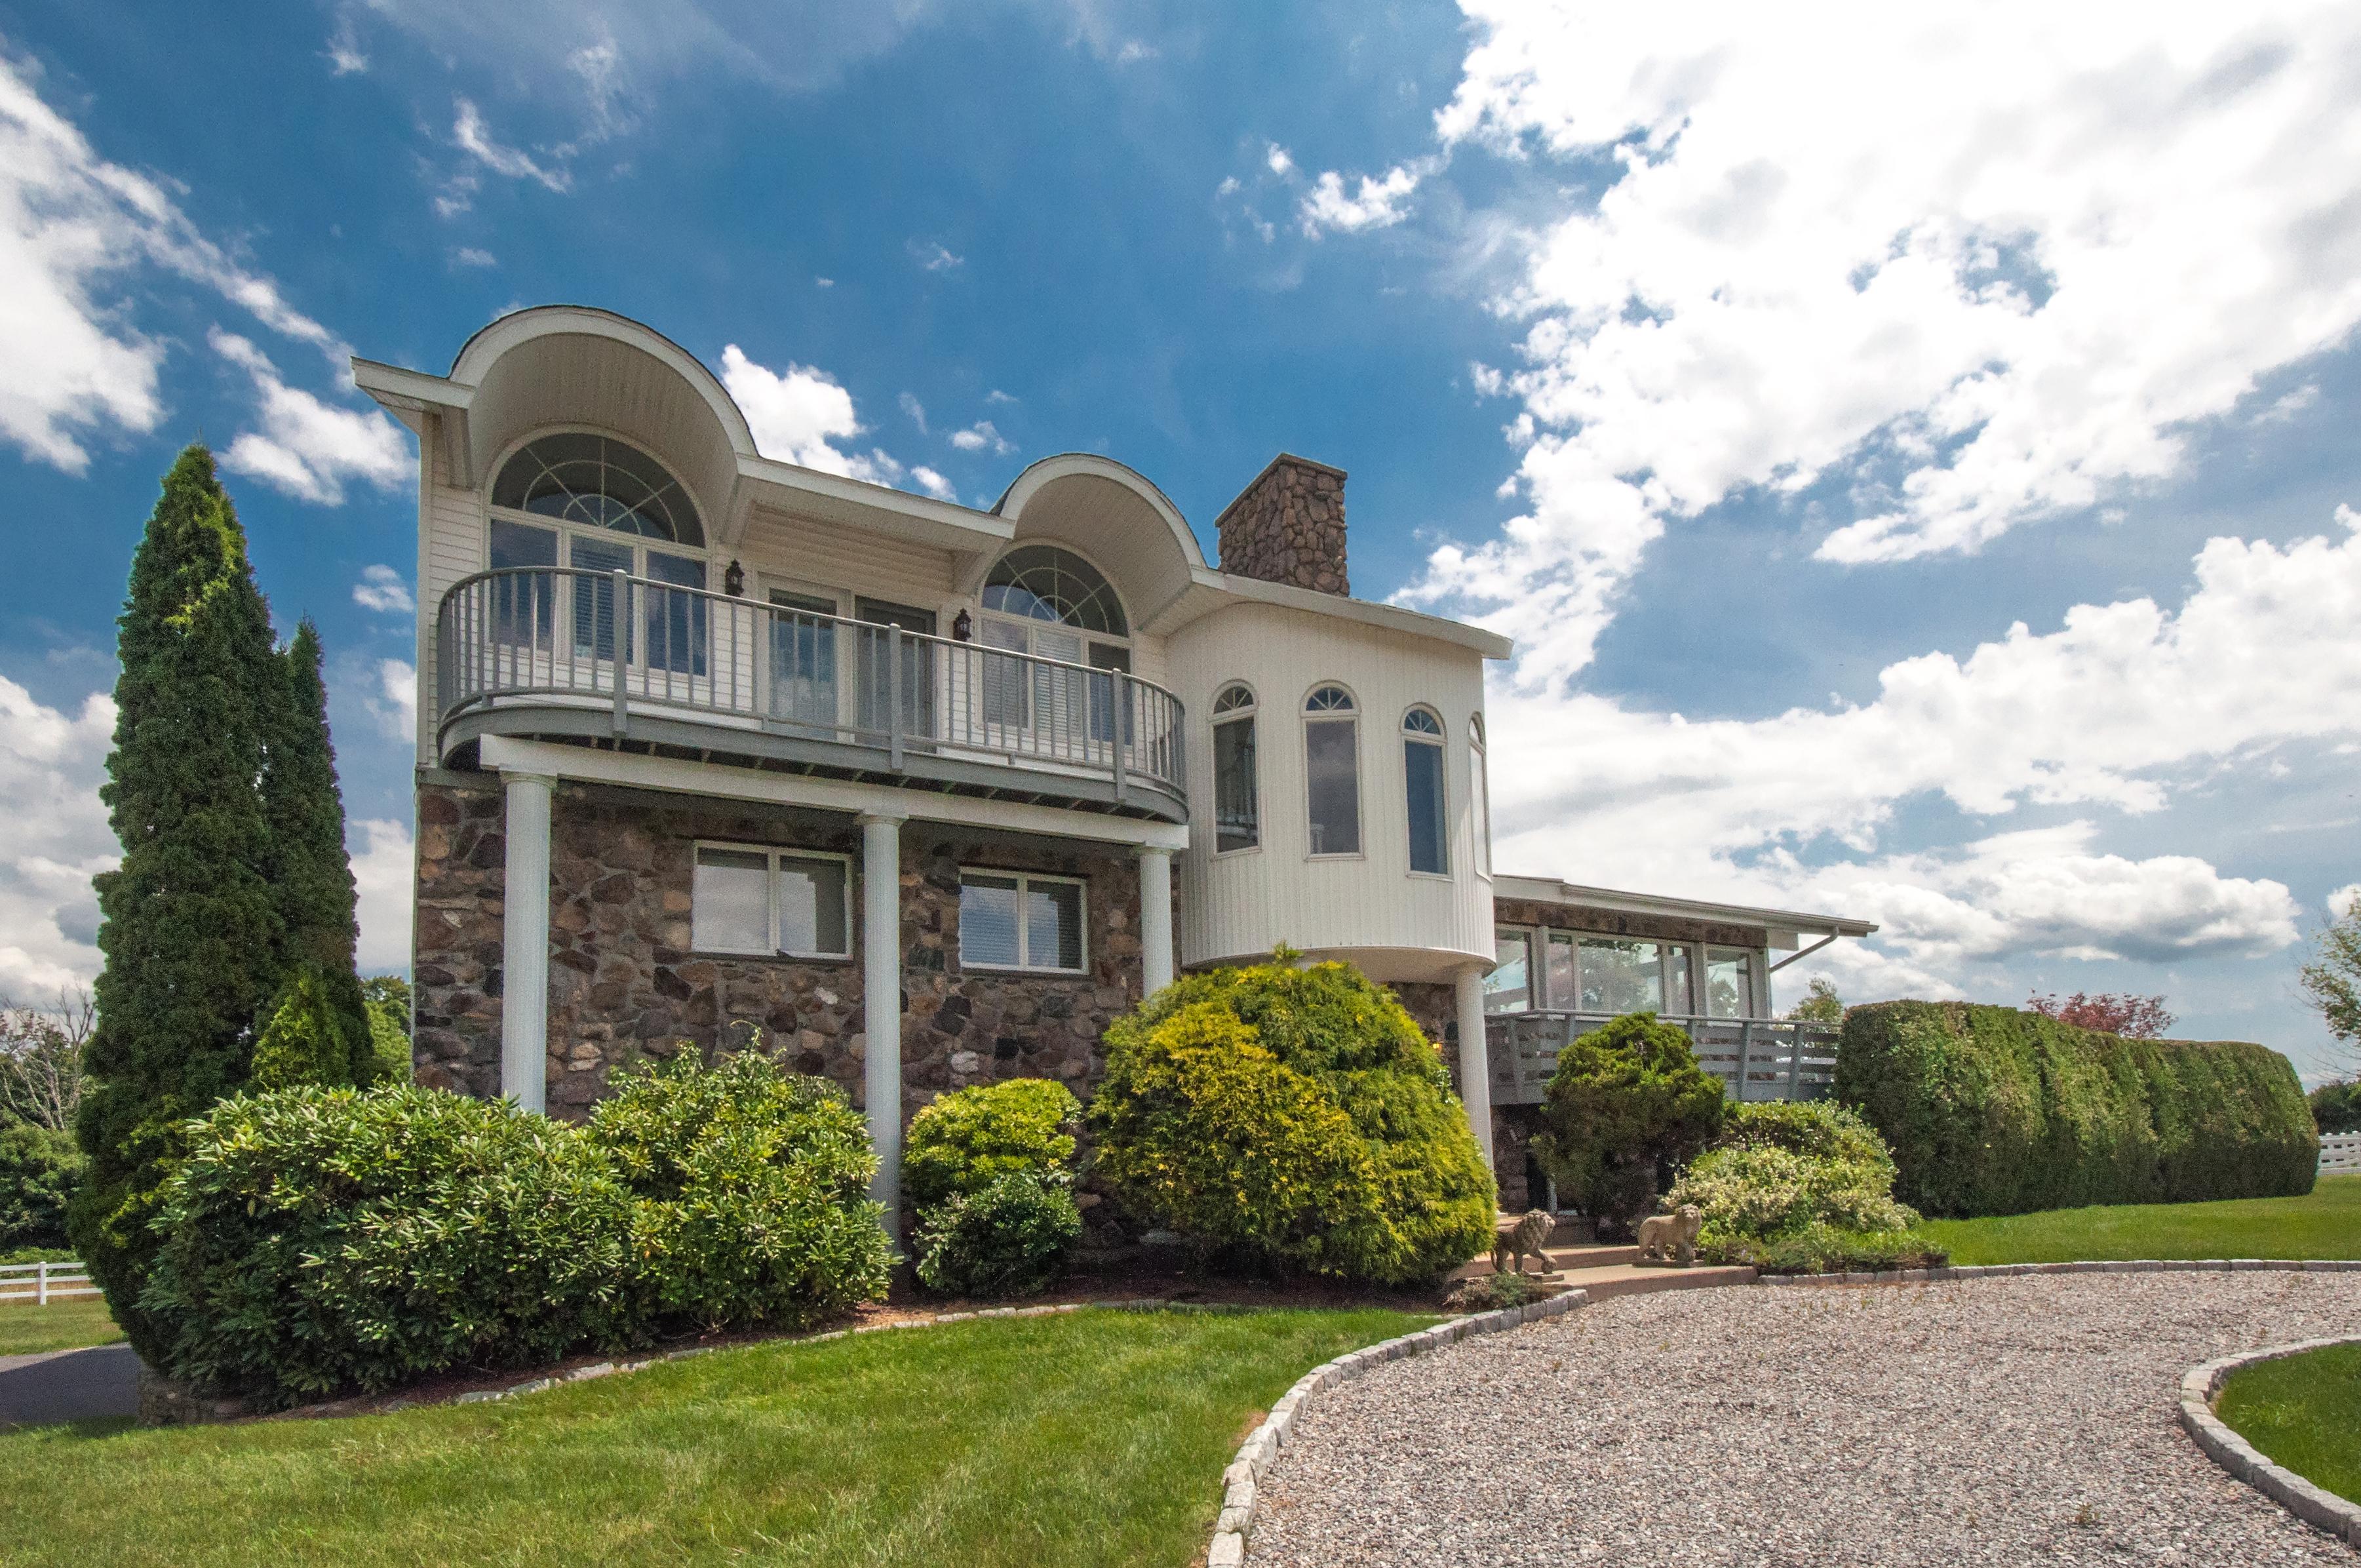 Maison unifamiliale pour l Vente à Willow Vista 86 Fern Ave Litchfield, Connecticut, 06759 États-Unis